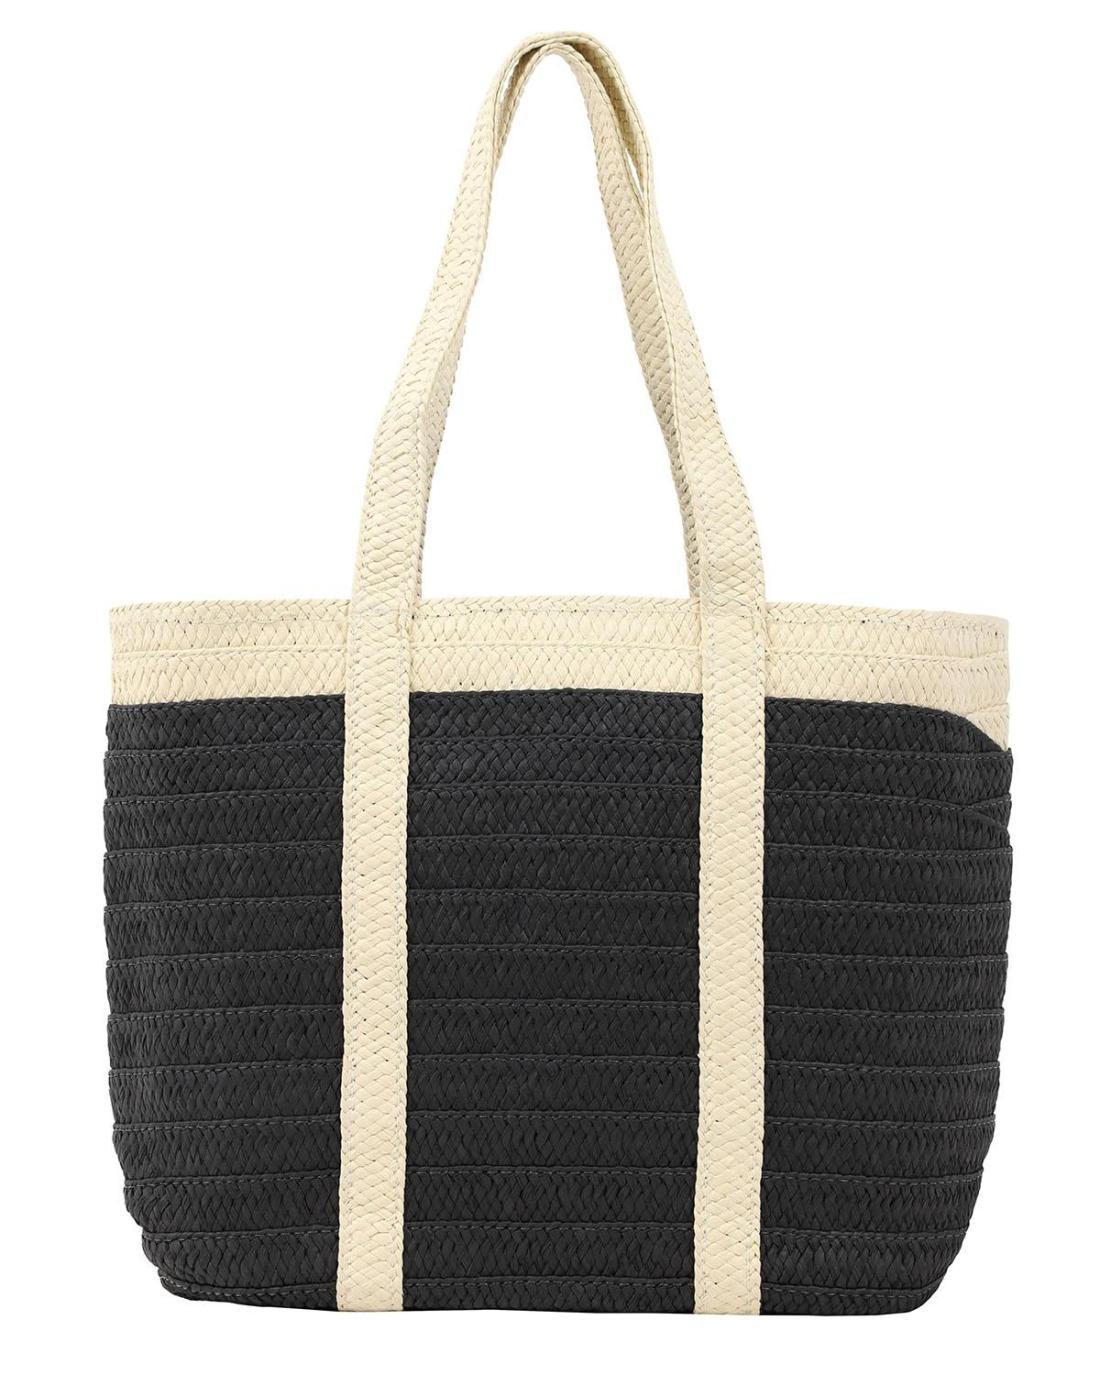 Papierstroh schwarze strandtasche